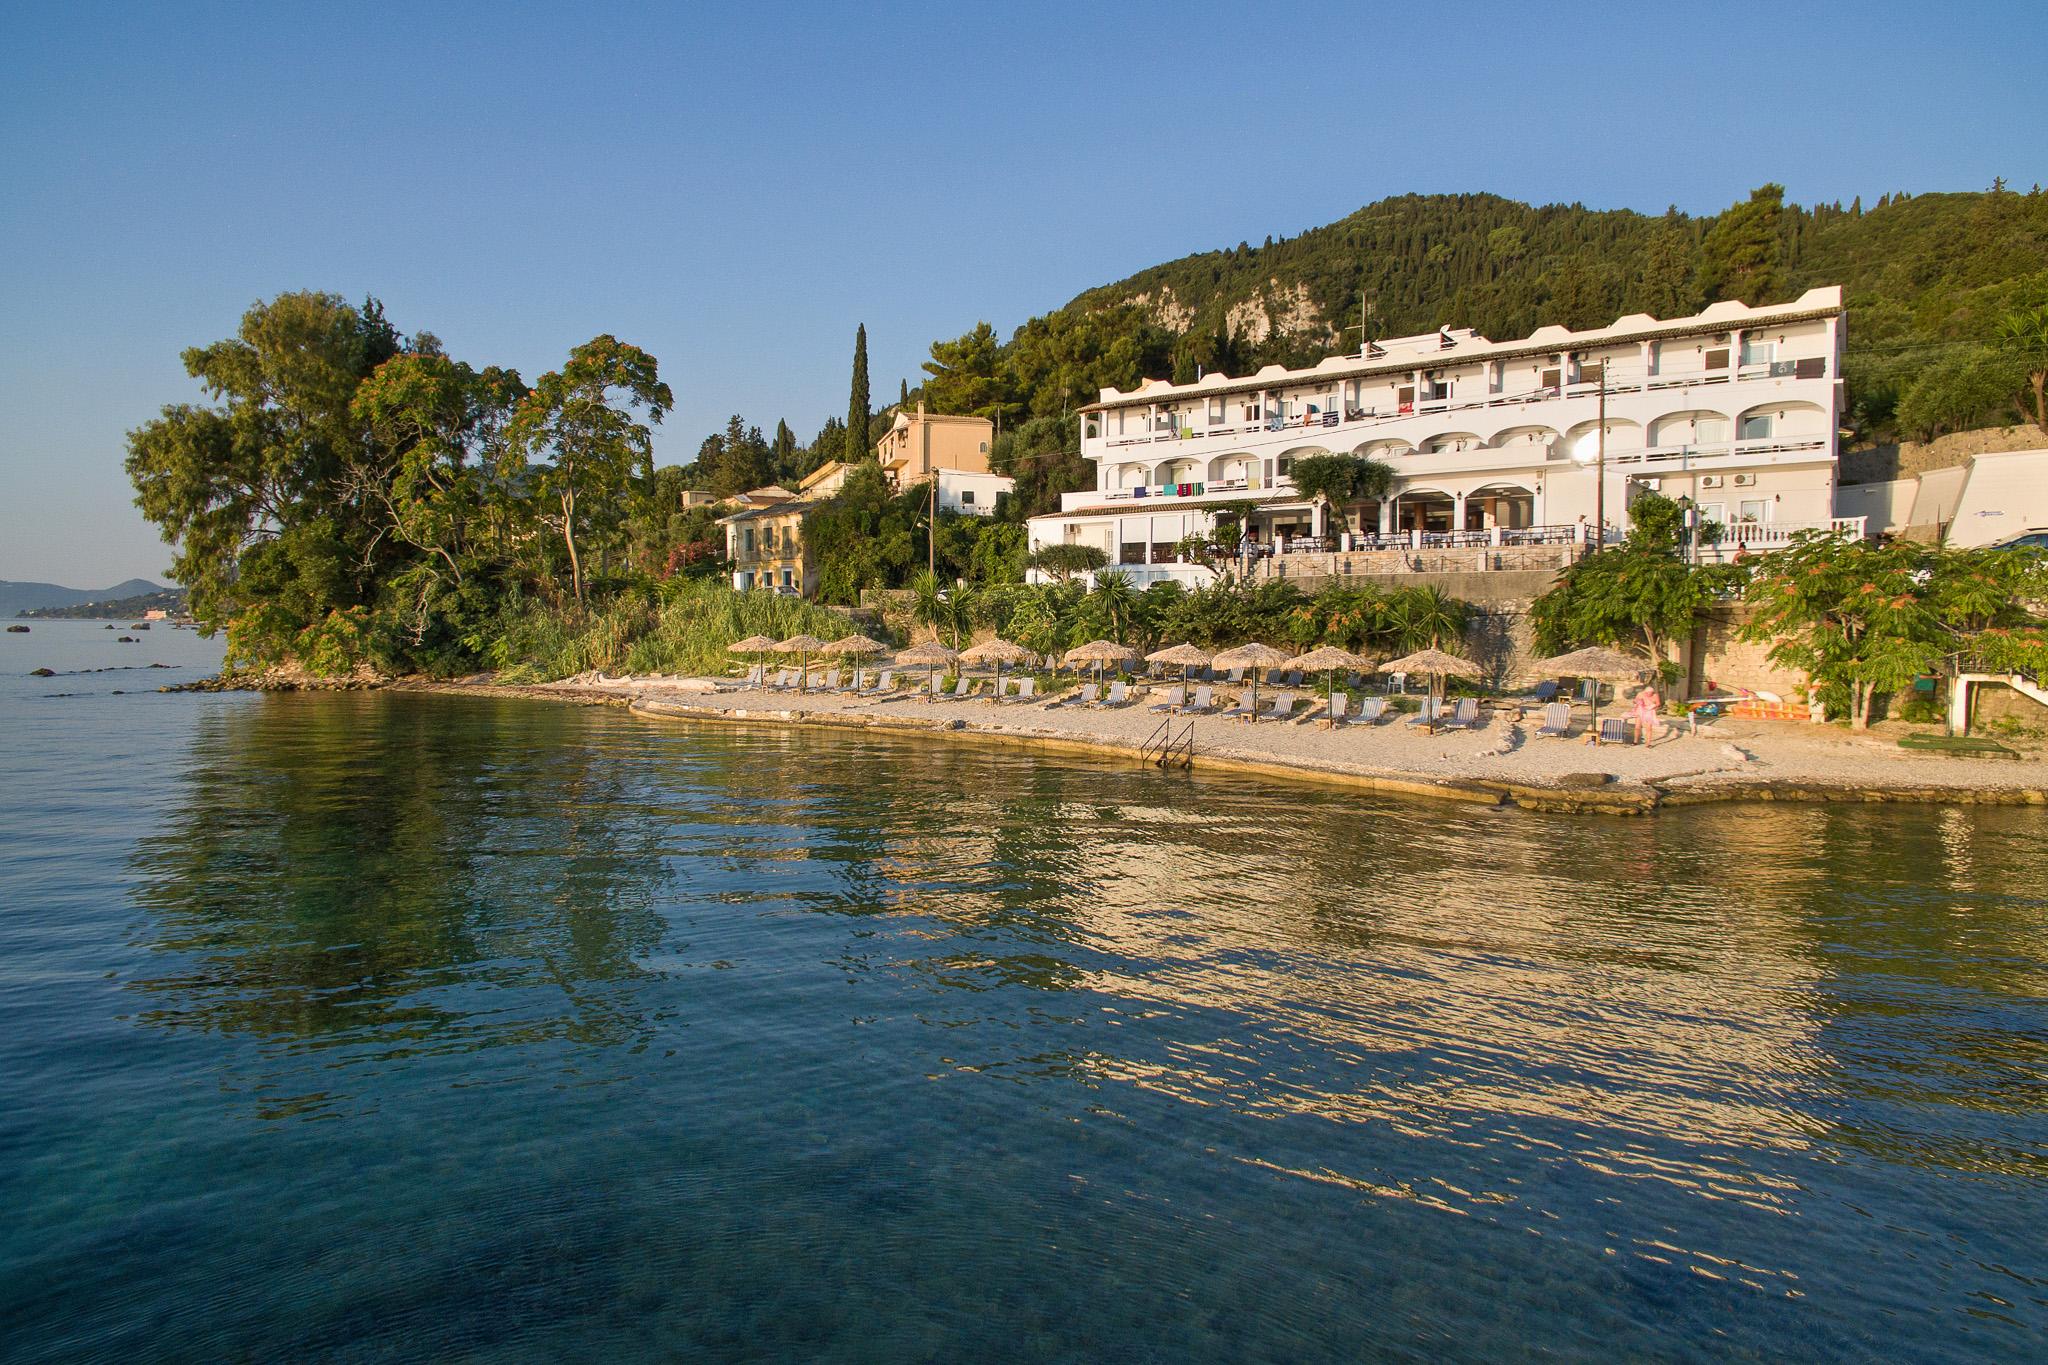 Wandelen op Corfu - hotel Kaiser Bridge